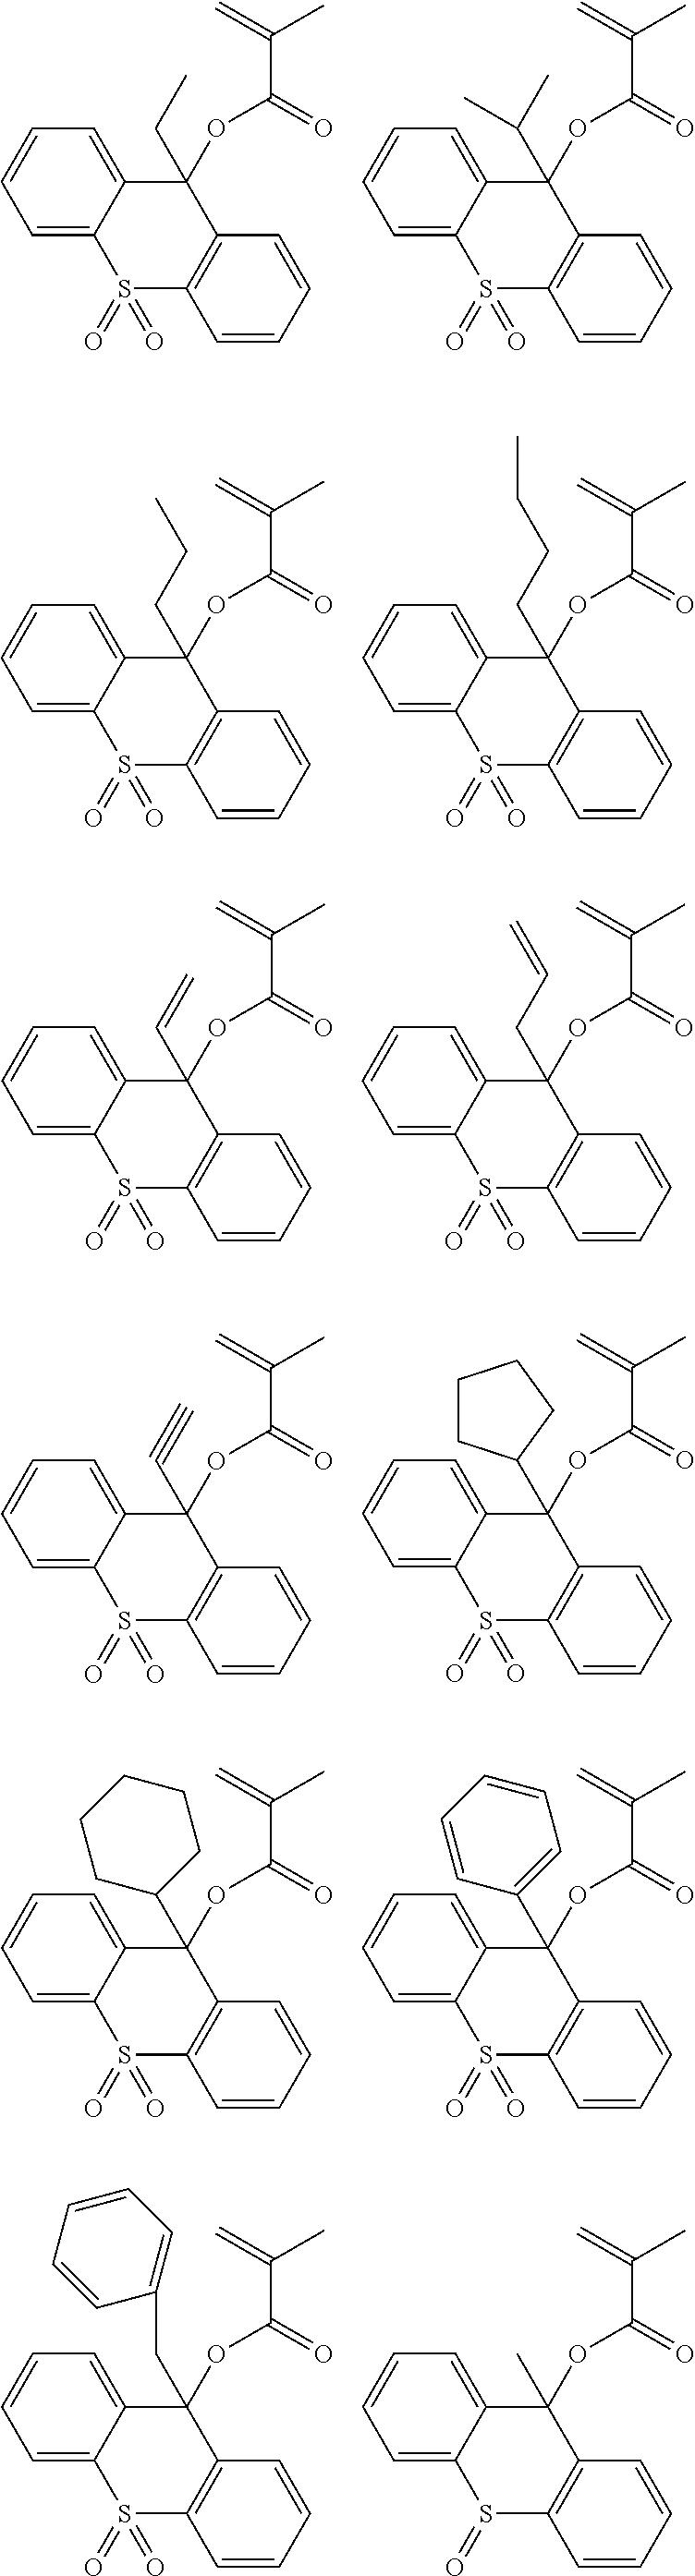 Figure US09023586-20150505-C00094